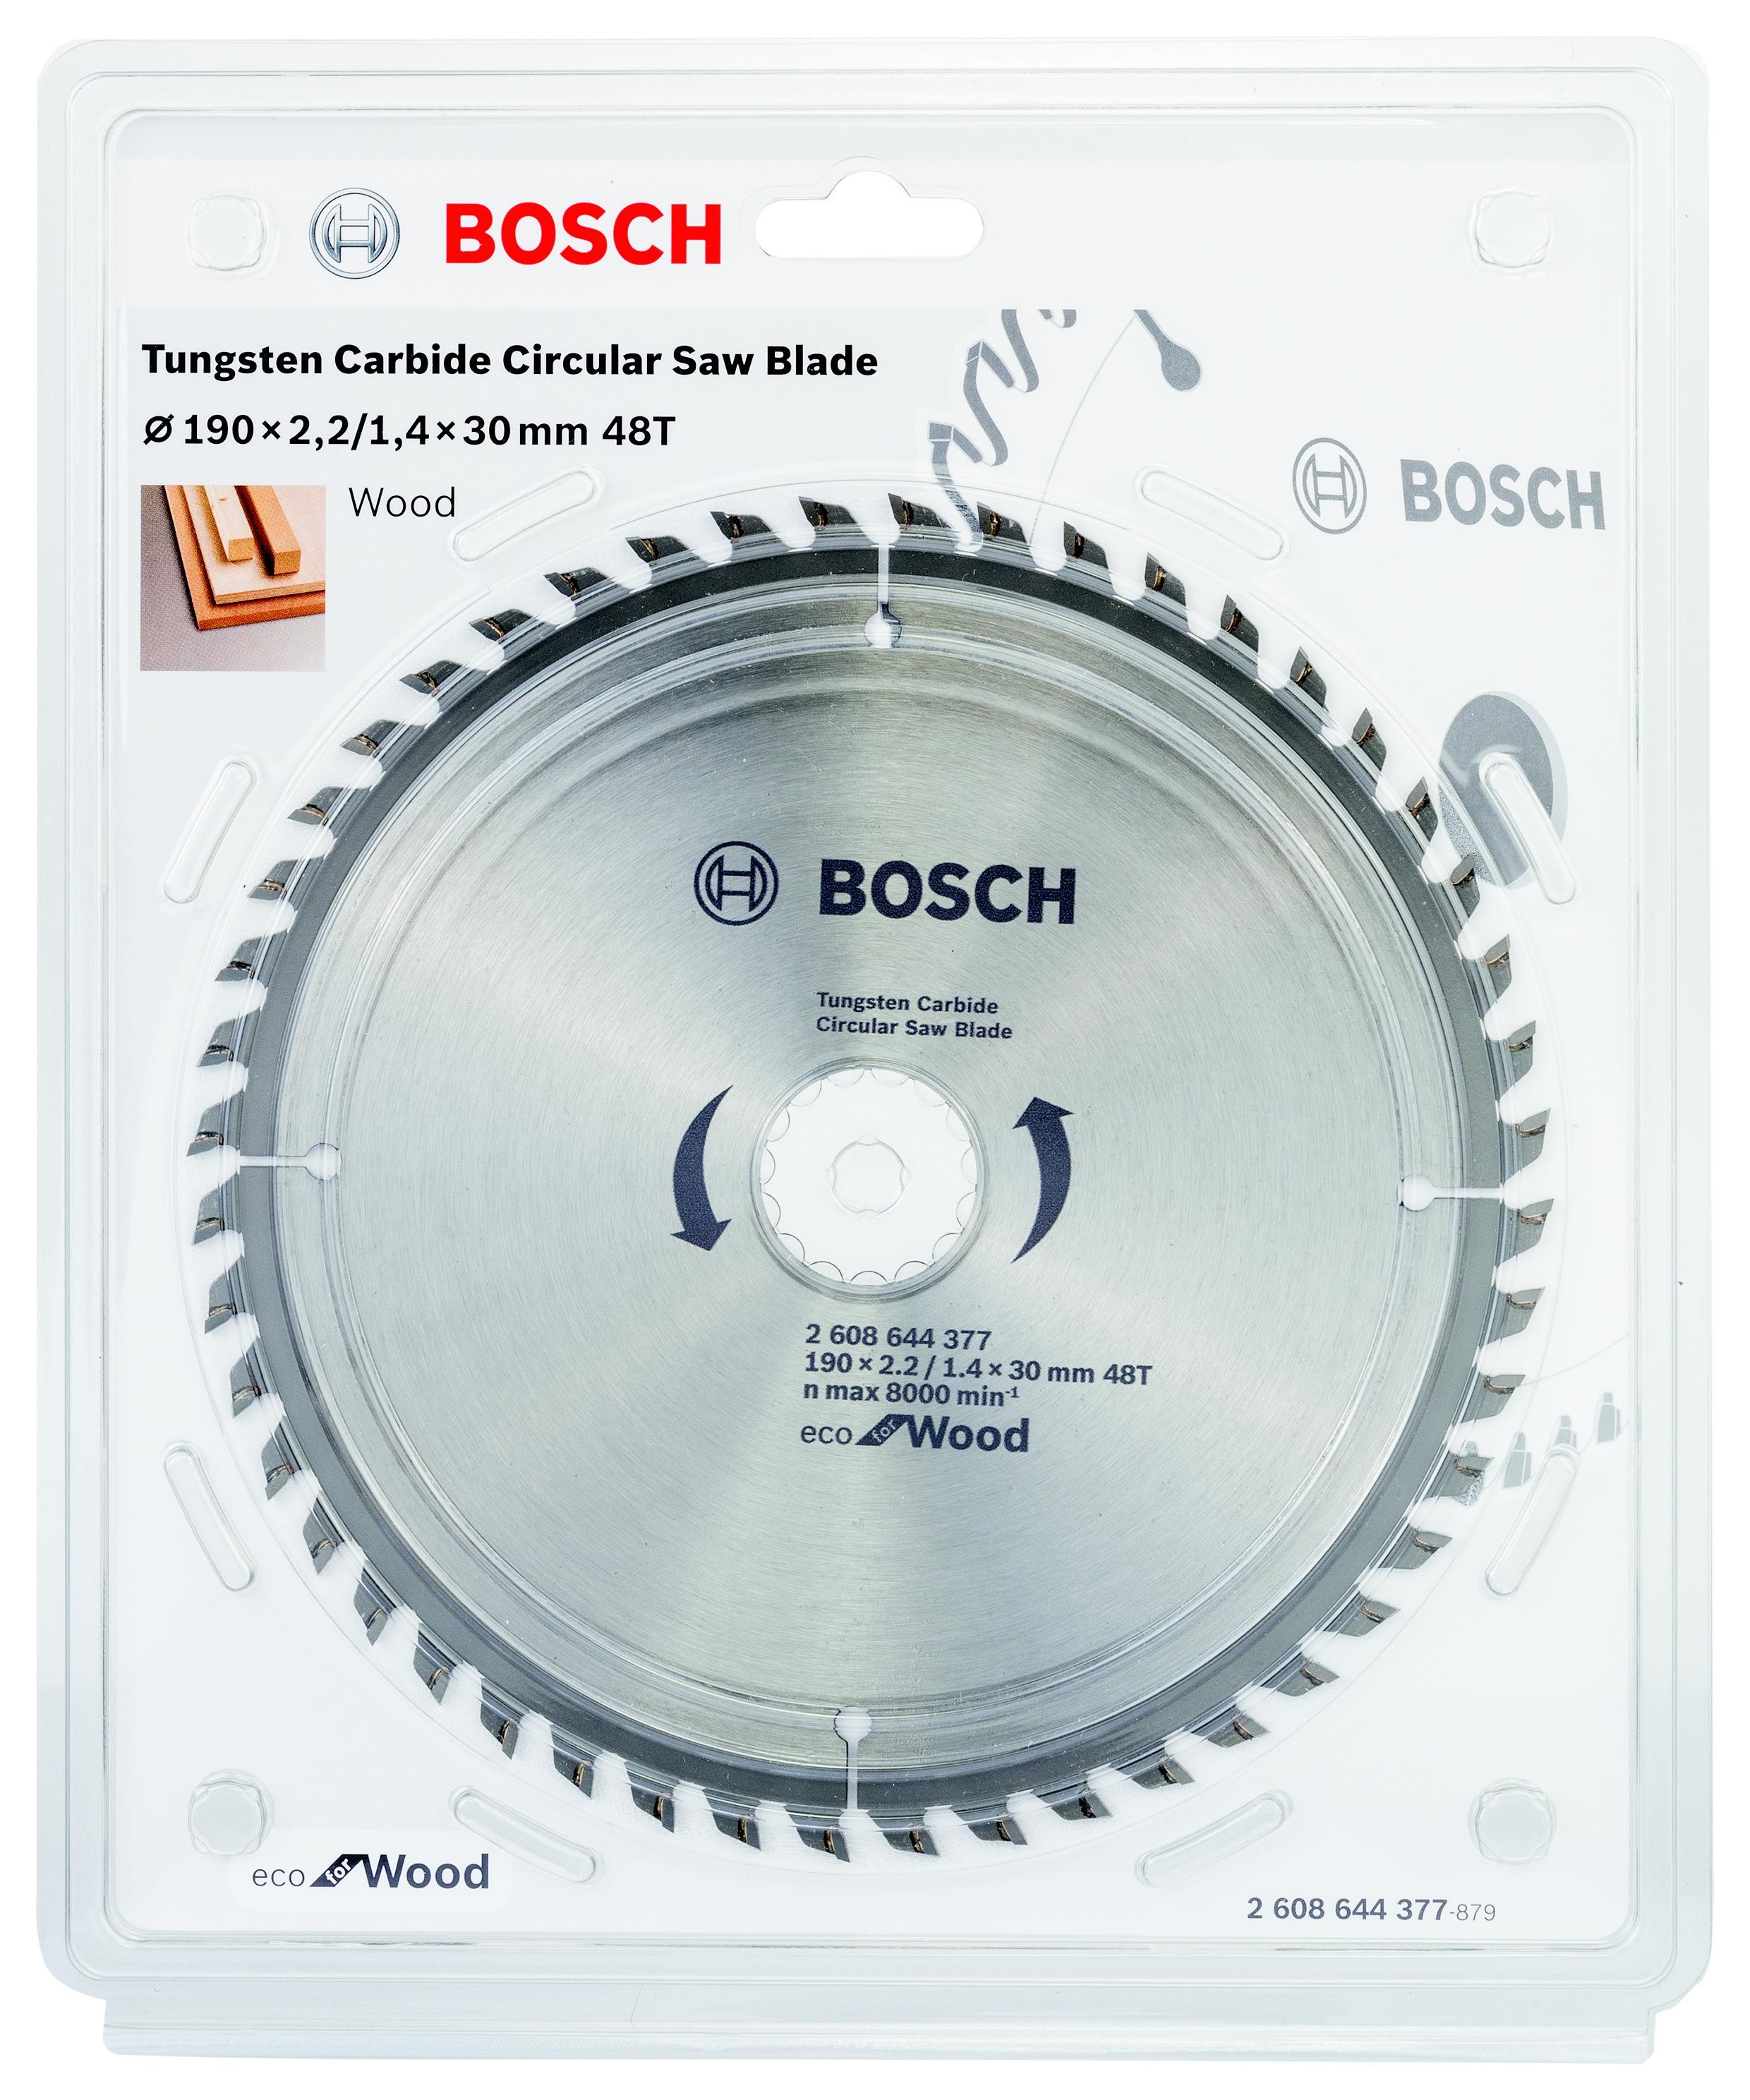 Диск пильный твердосплавный Bosch Eco wo 190x30-48t (2.608.644.377) пильный диск bosch exp wo 165x20 48t 2 608 644 024 ф165х20мм 48 зуб